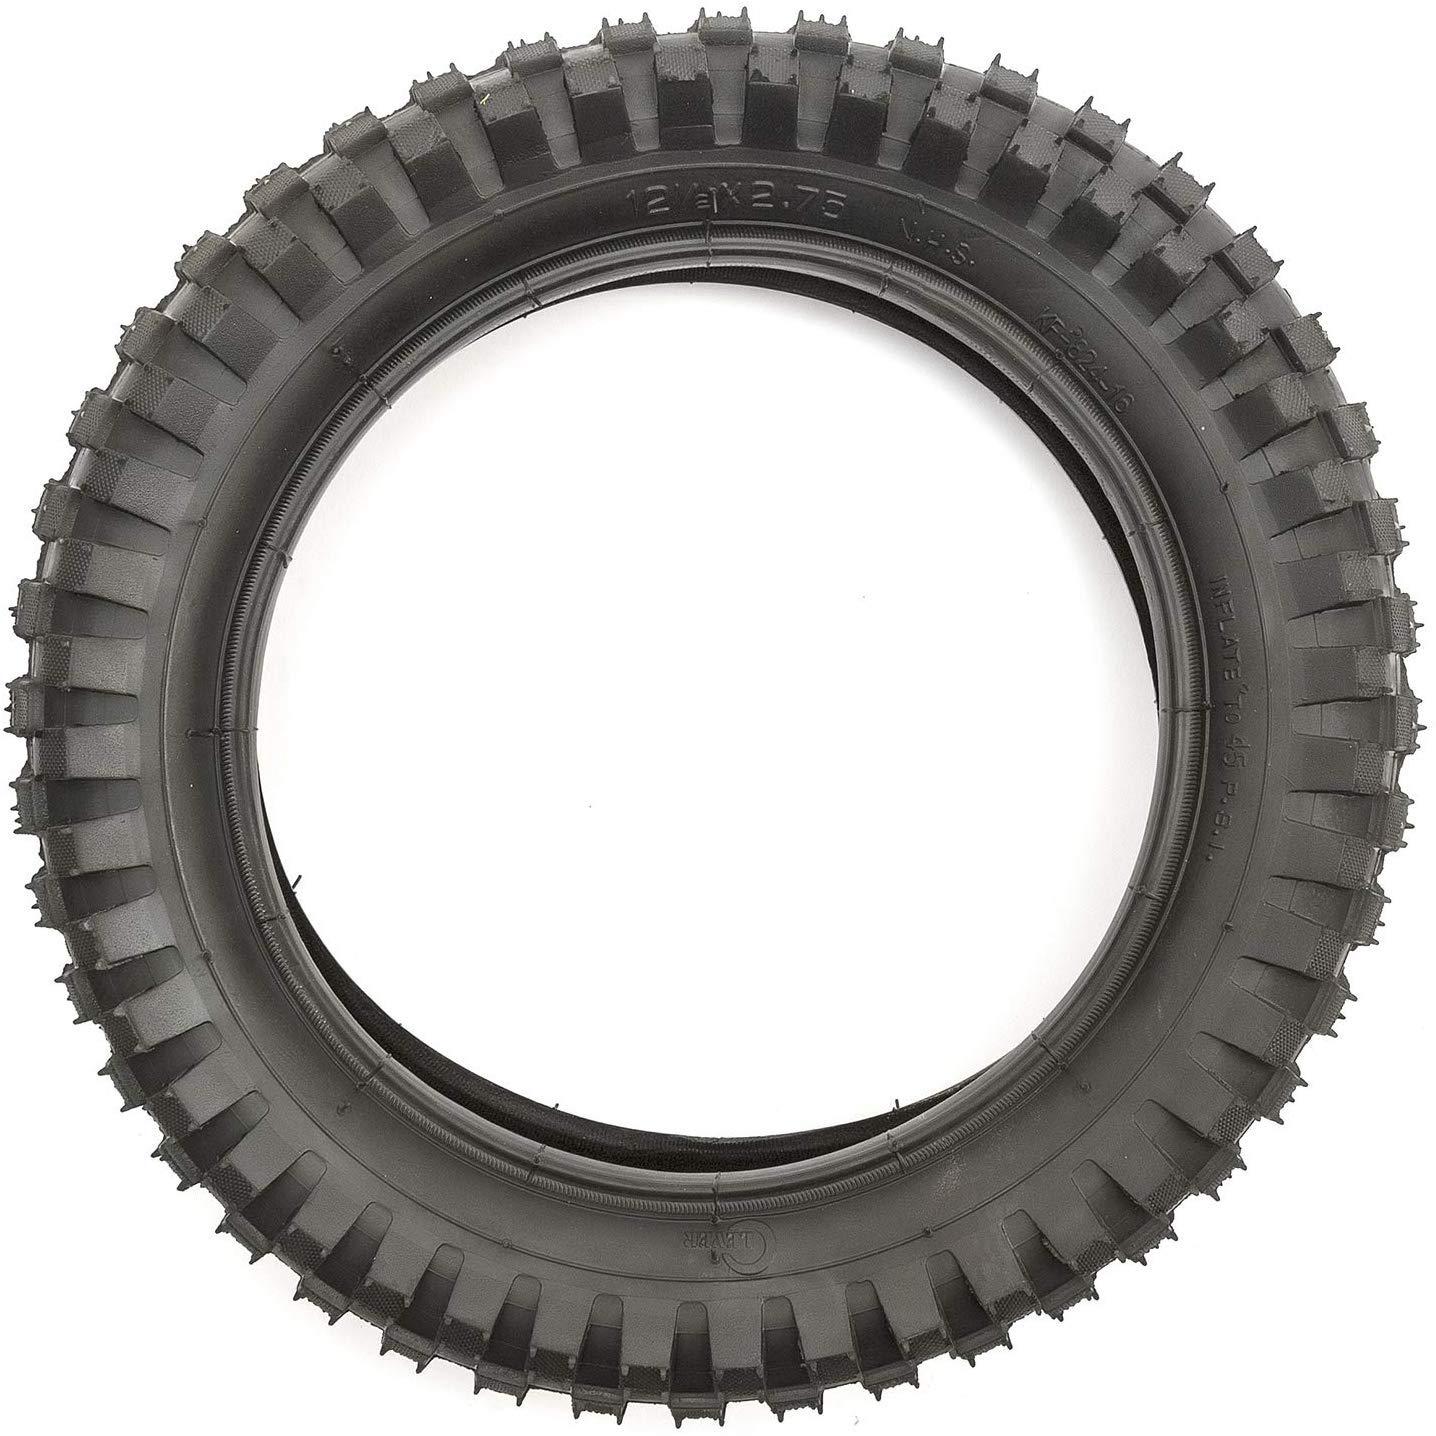 Tyre 12.5 x 2.75 Knobbly Mini Dirt Bike